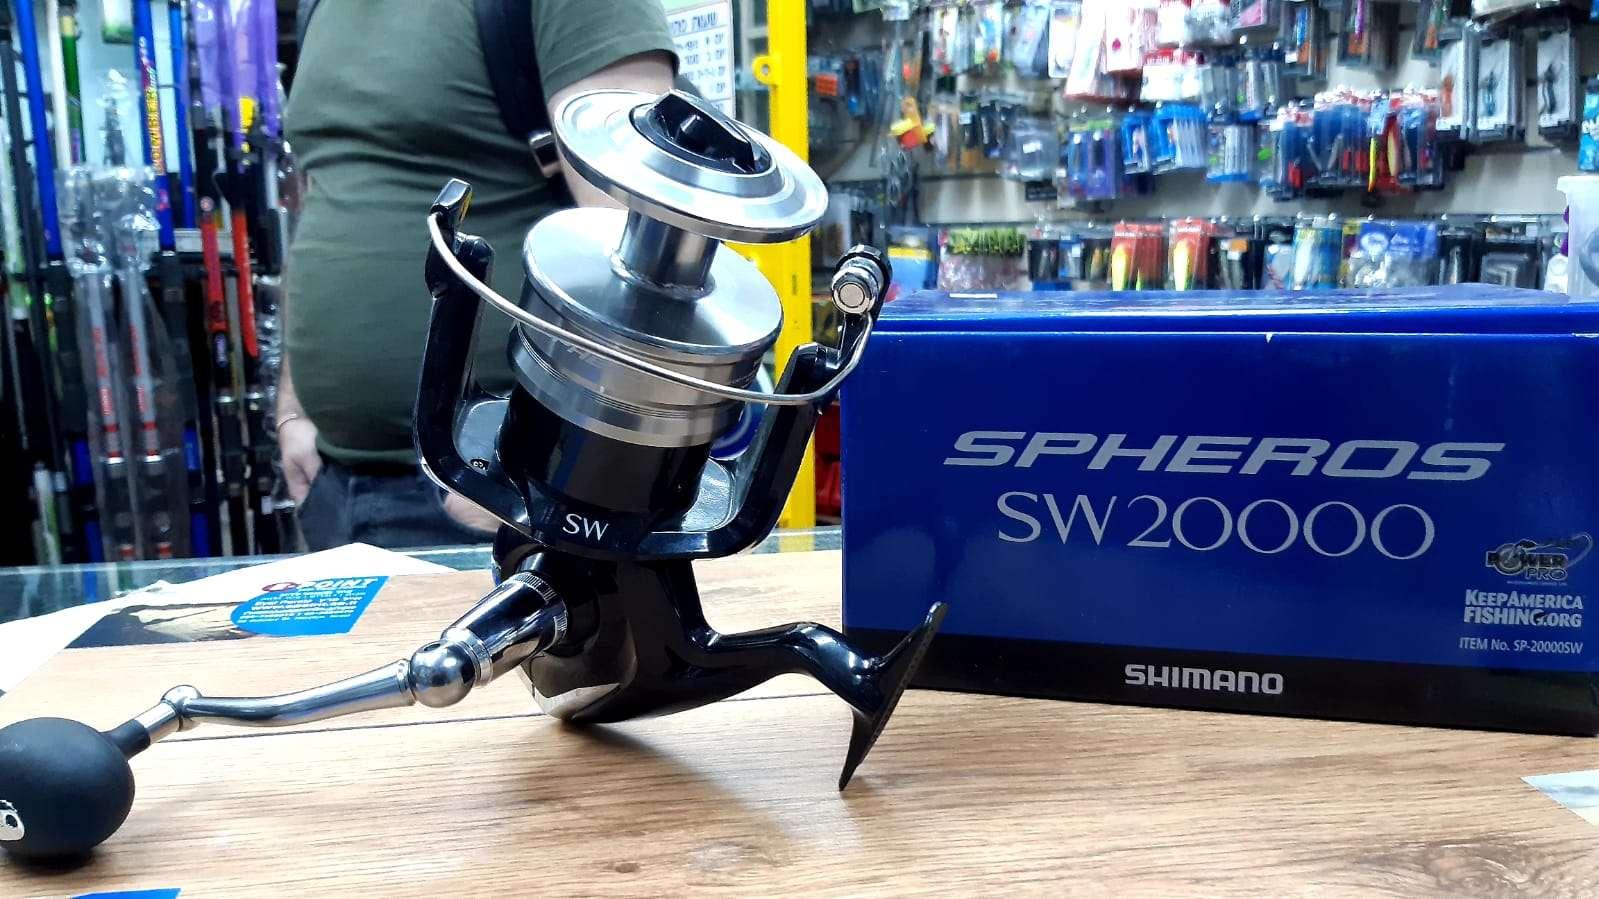 Shimano SPHEROS SW20000